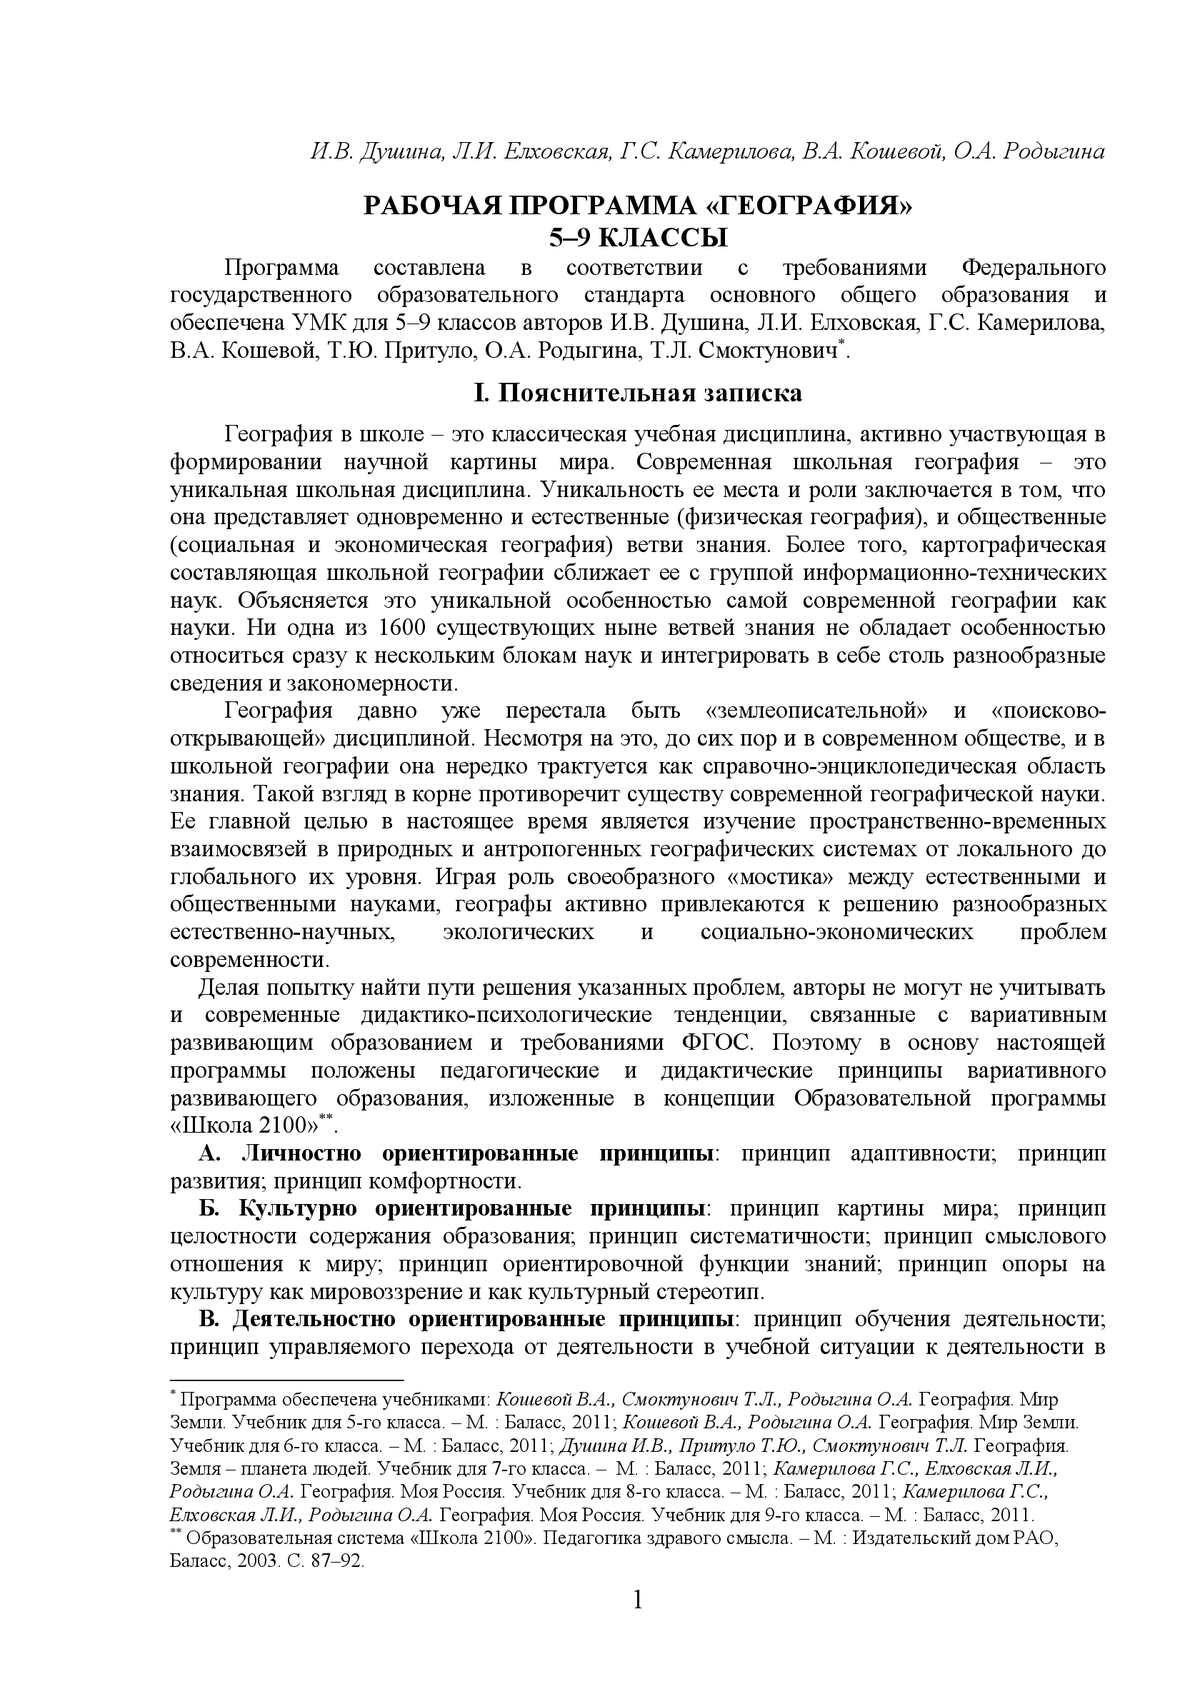 Практическая работа по географии 9 класс сравнение транспортной обеспеченности россии